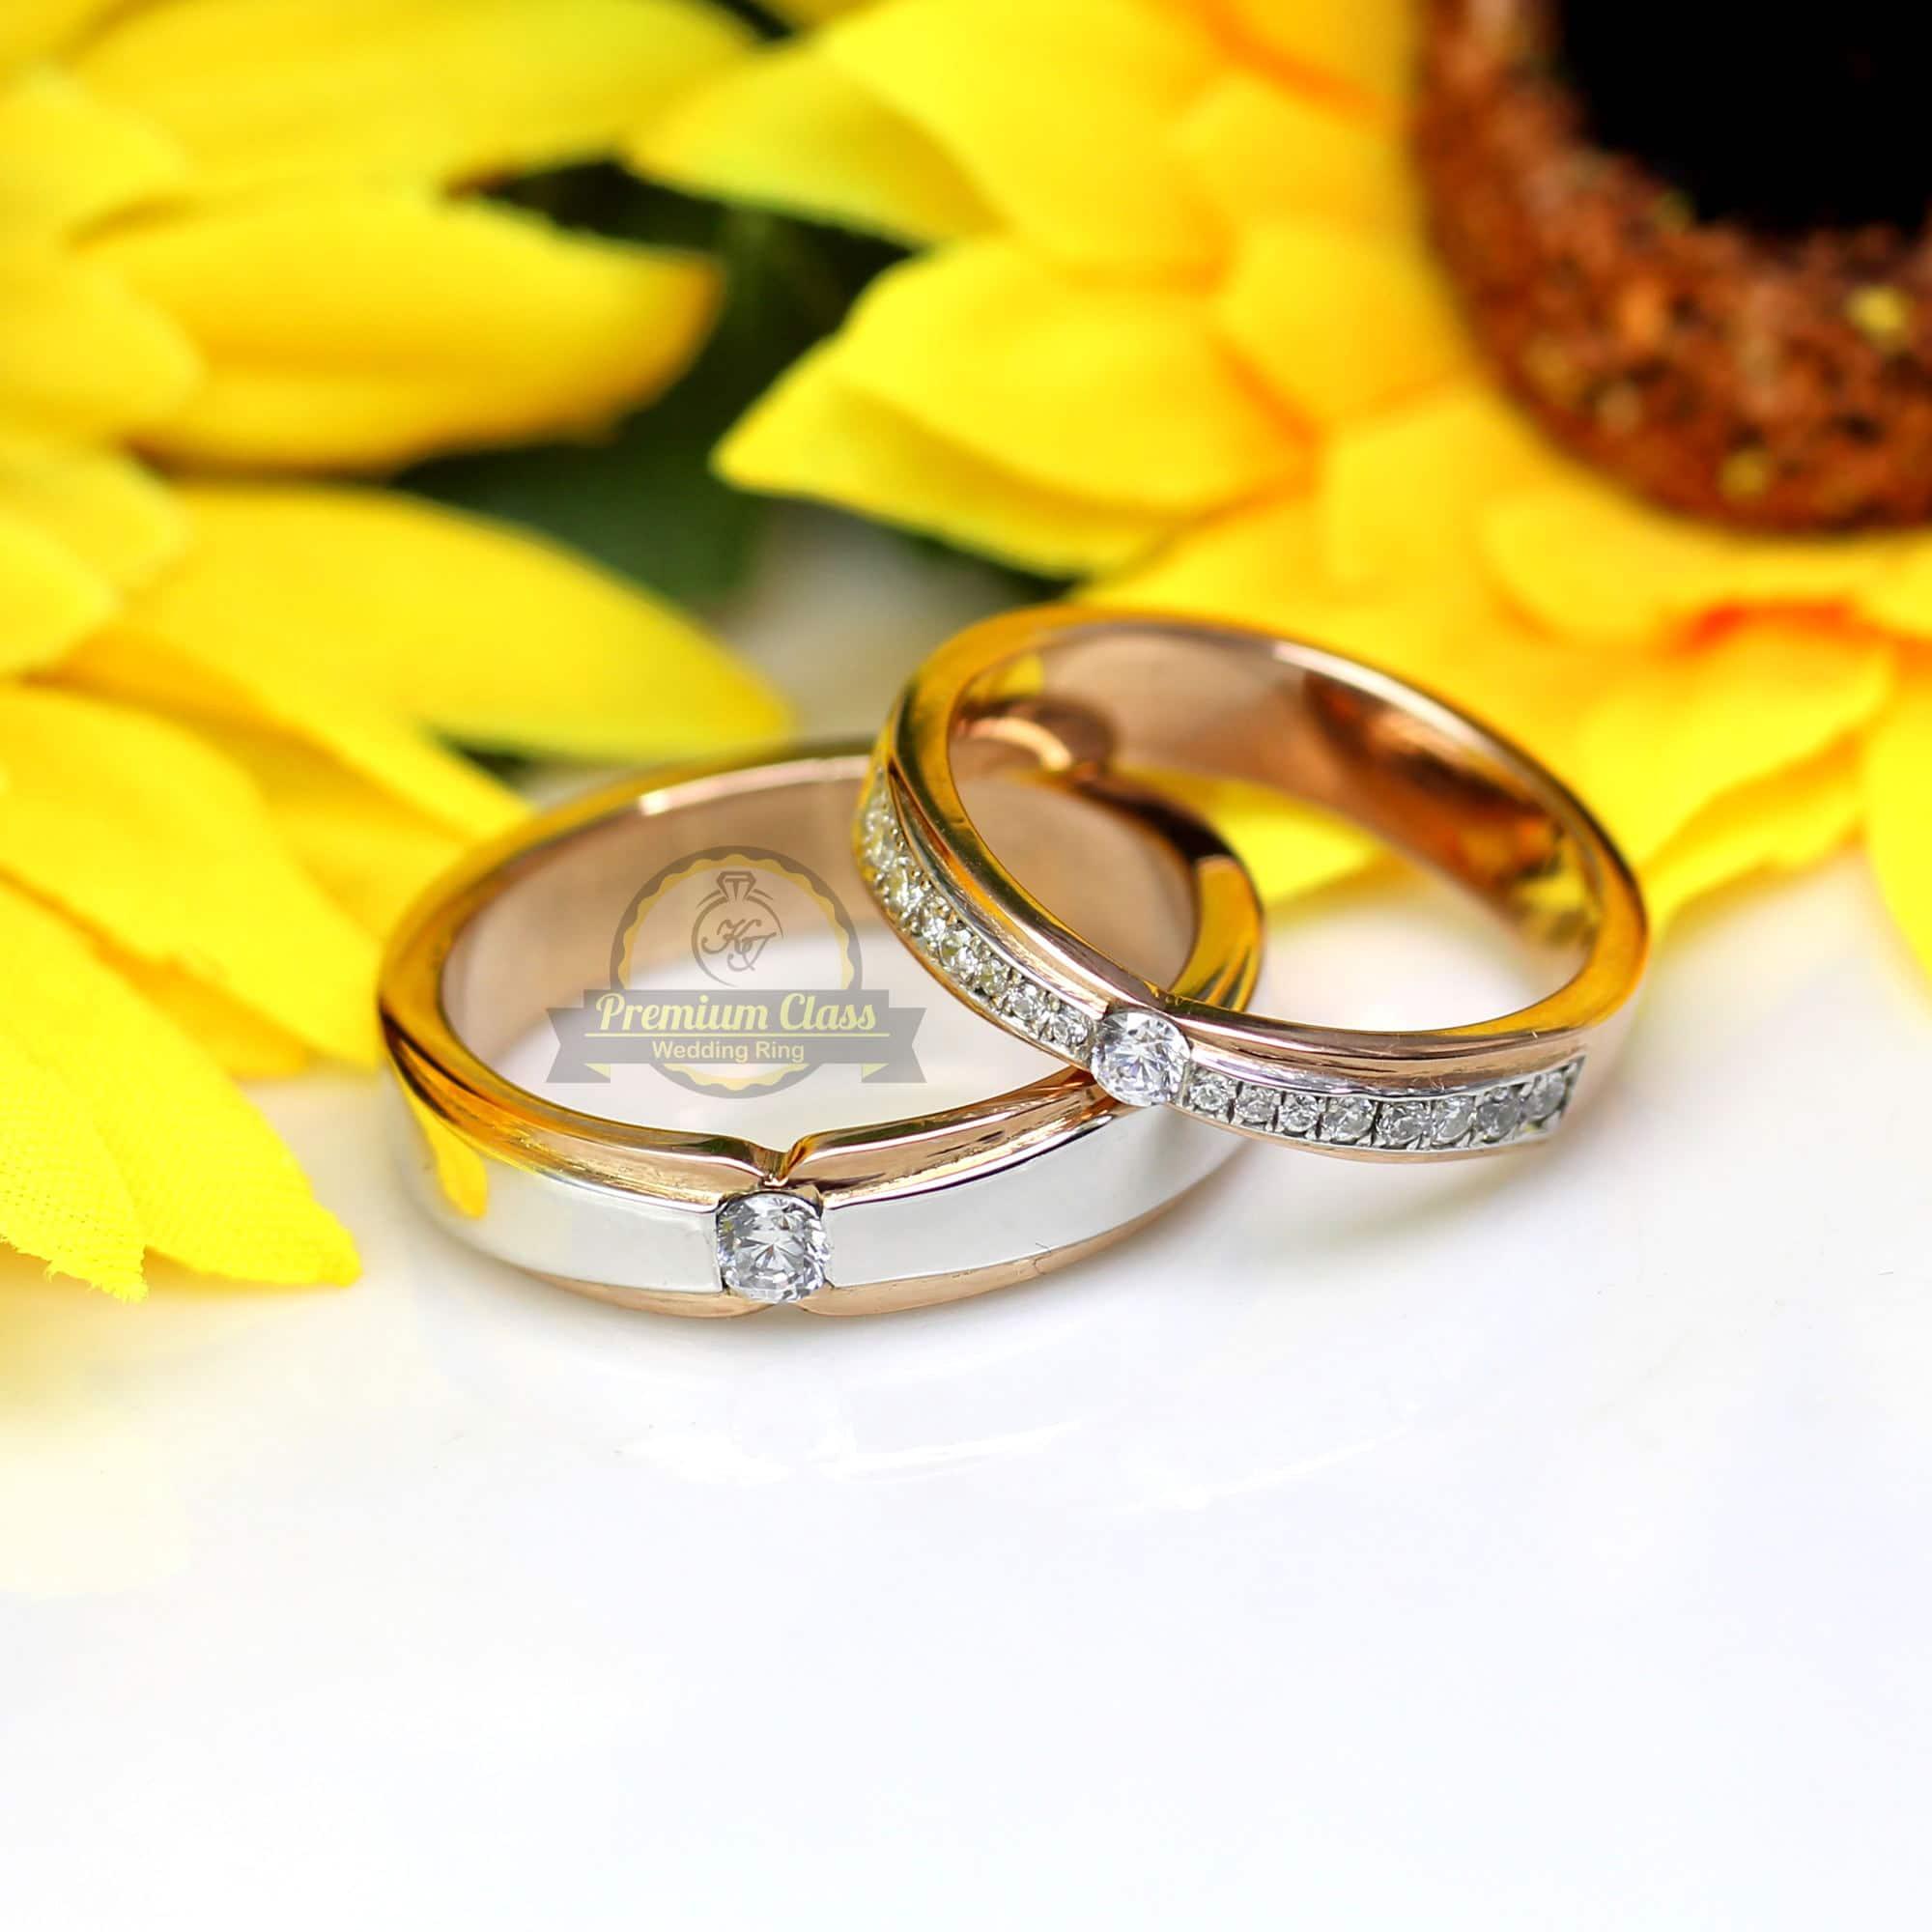 Jual Cincin Kawin Emas Couple Bergaransi Dan Berkualitas